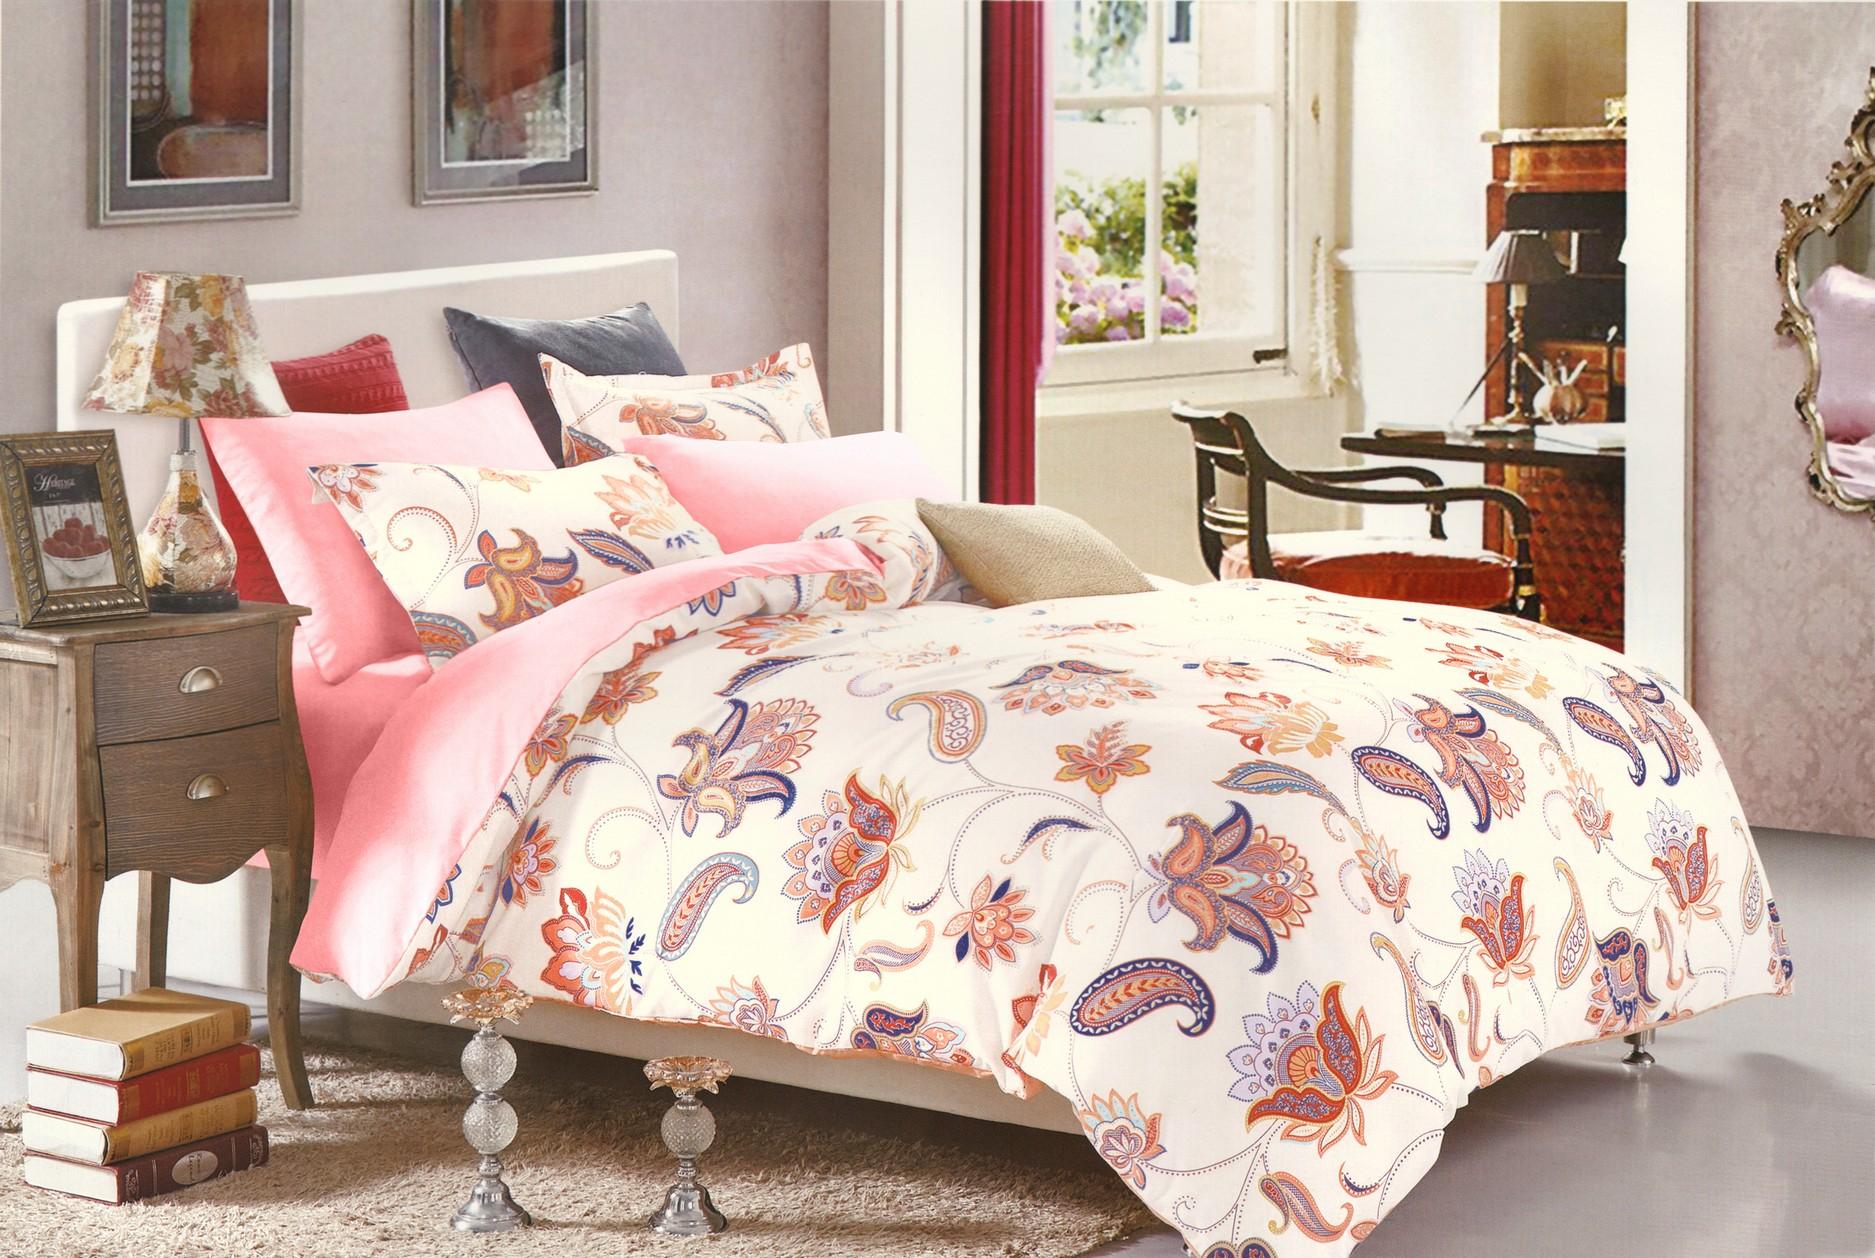 Комплекты постельного белья Bonne Journee onn499305